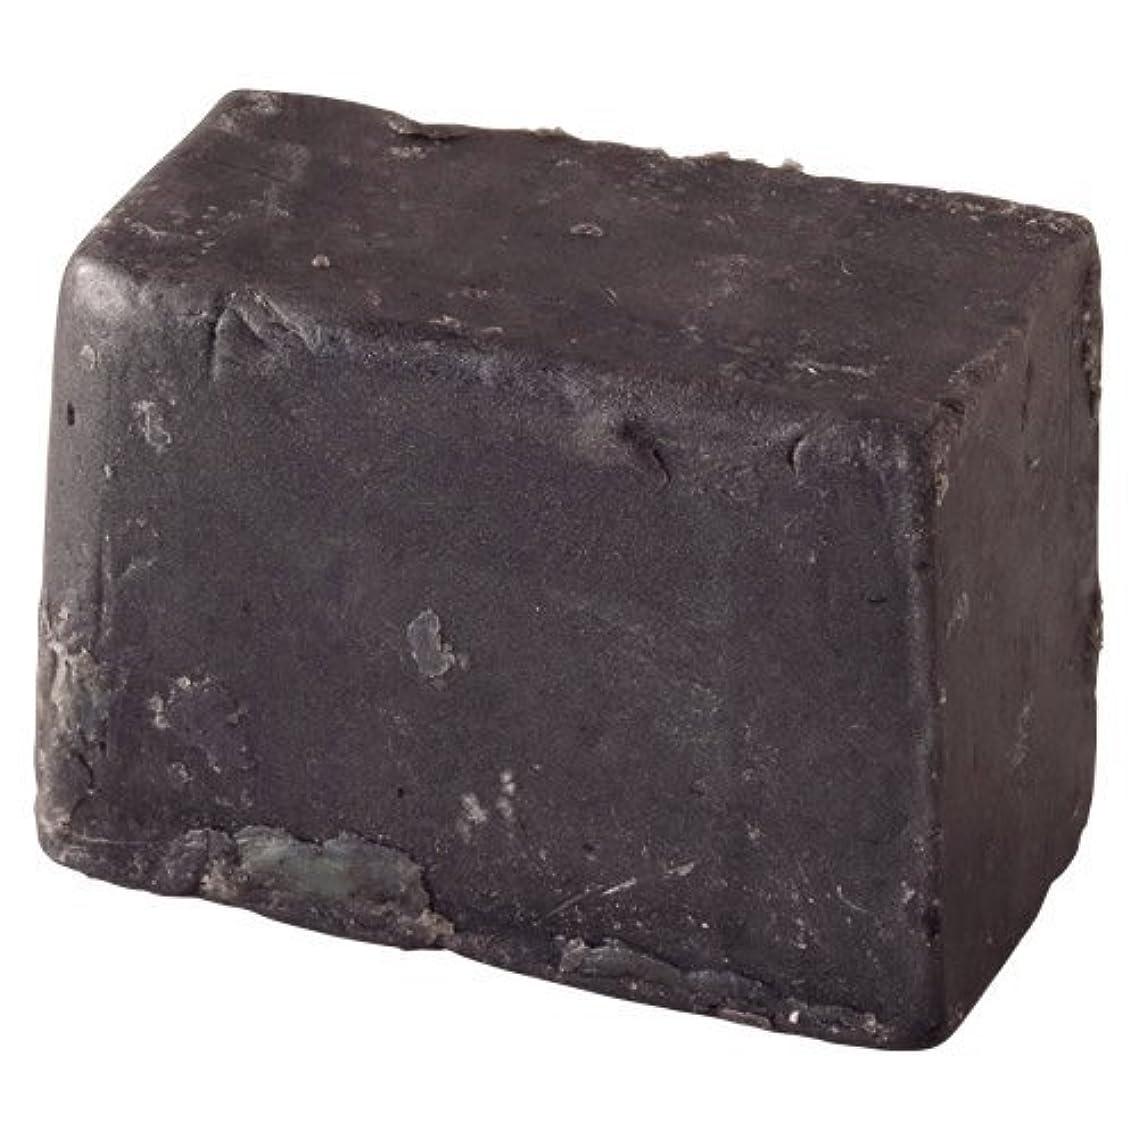 ラッシュ(LUSH) ブラックビューティー(100g)